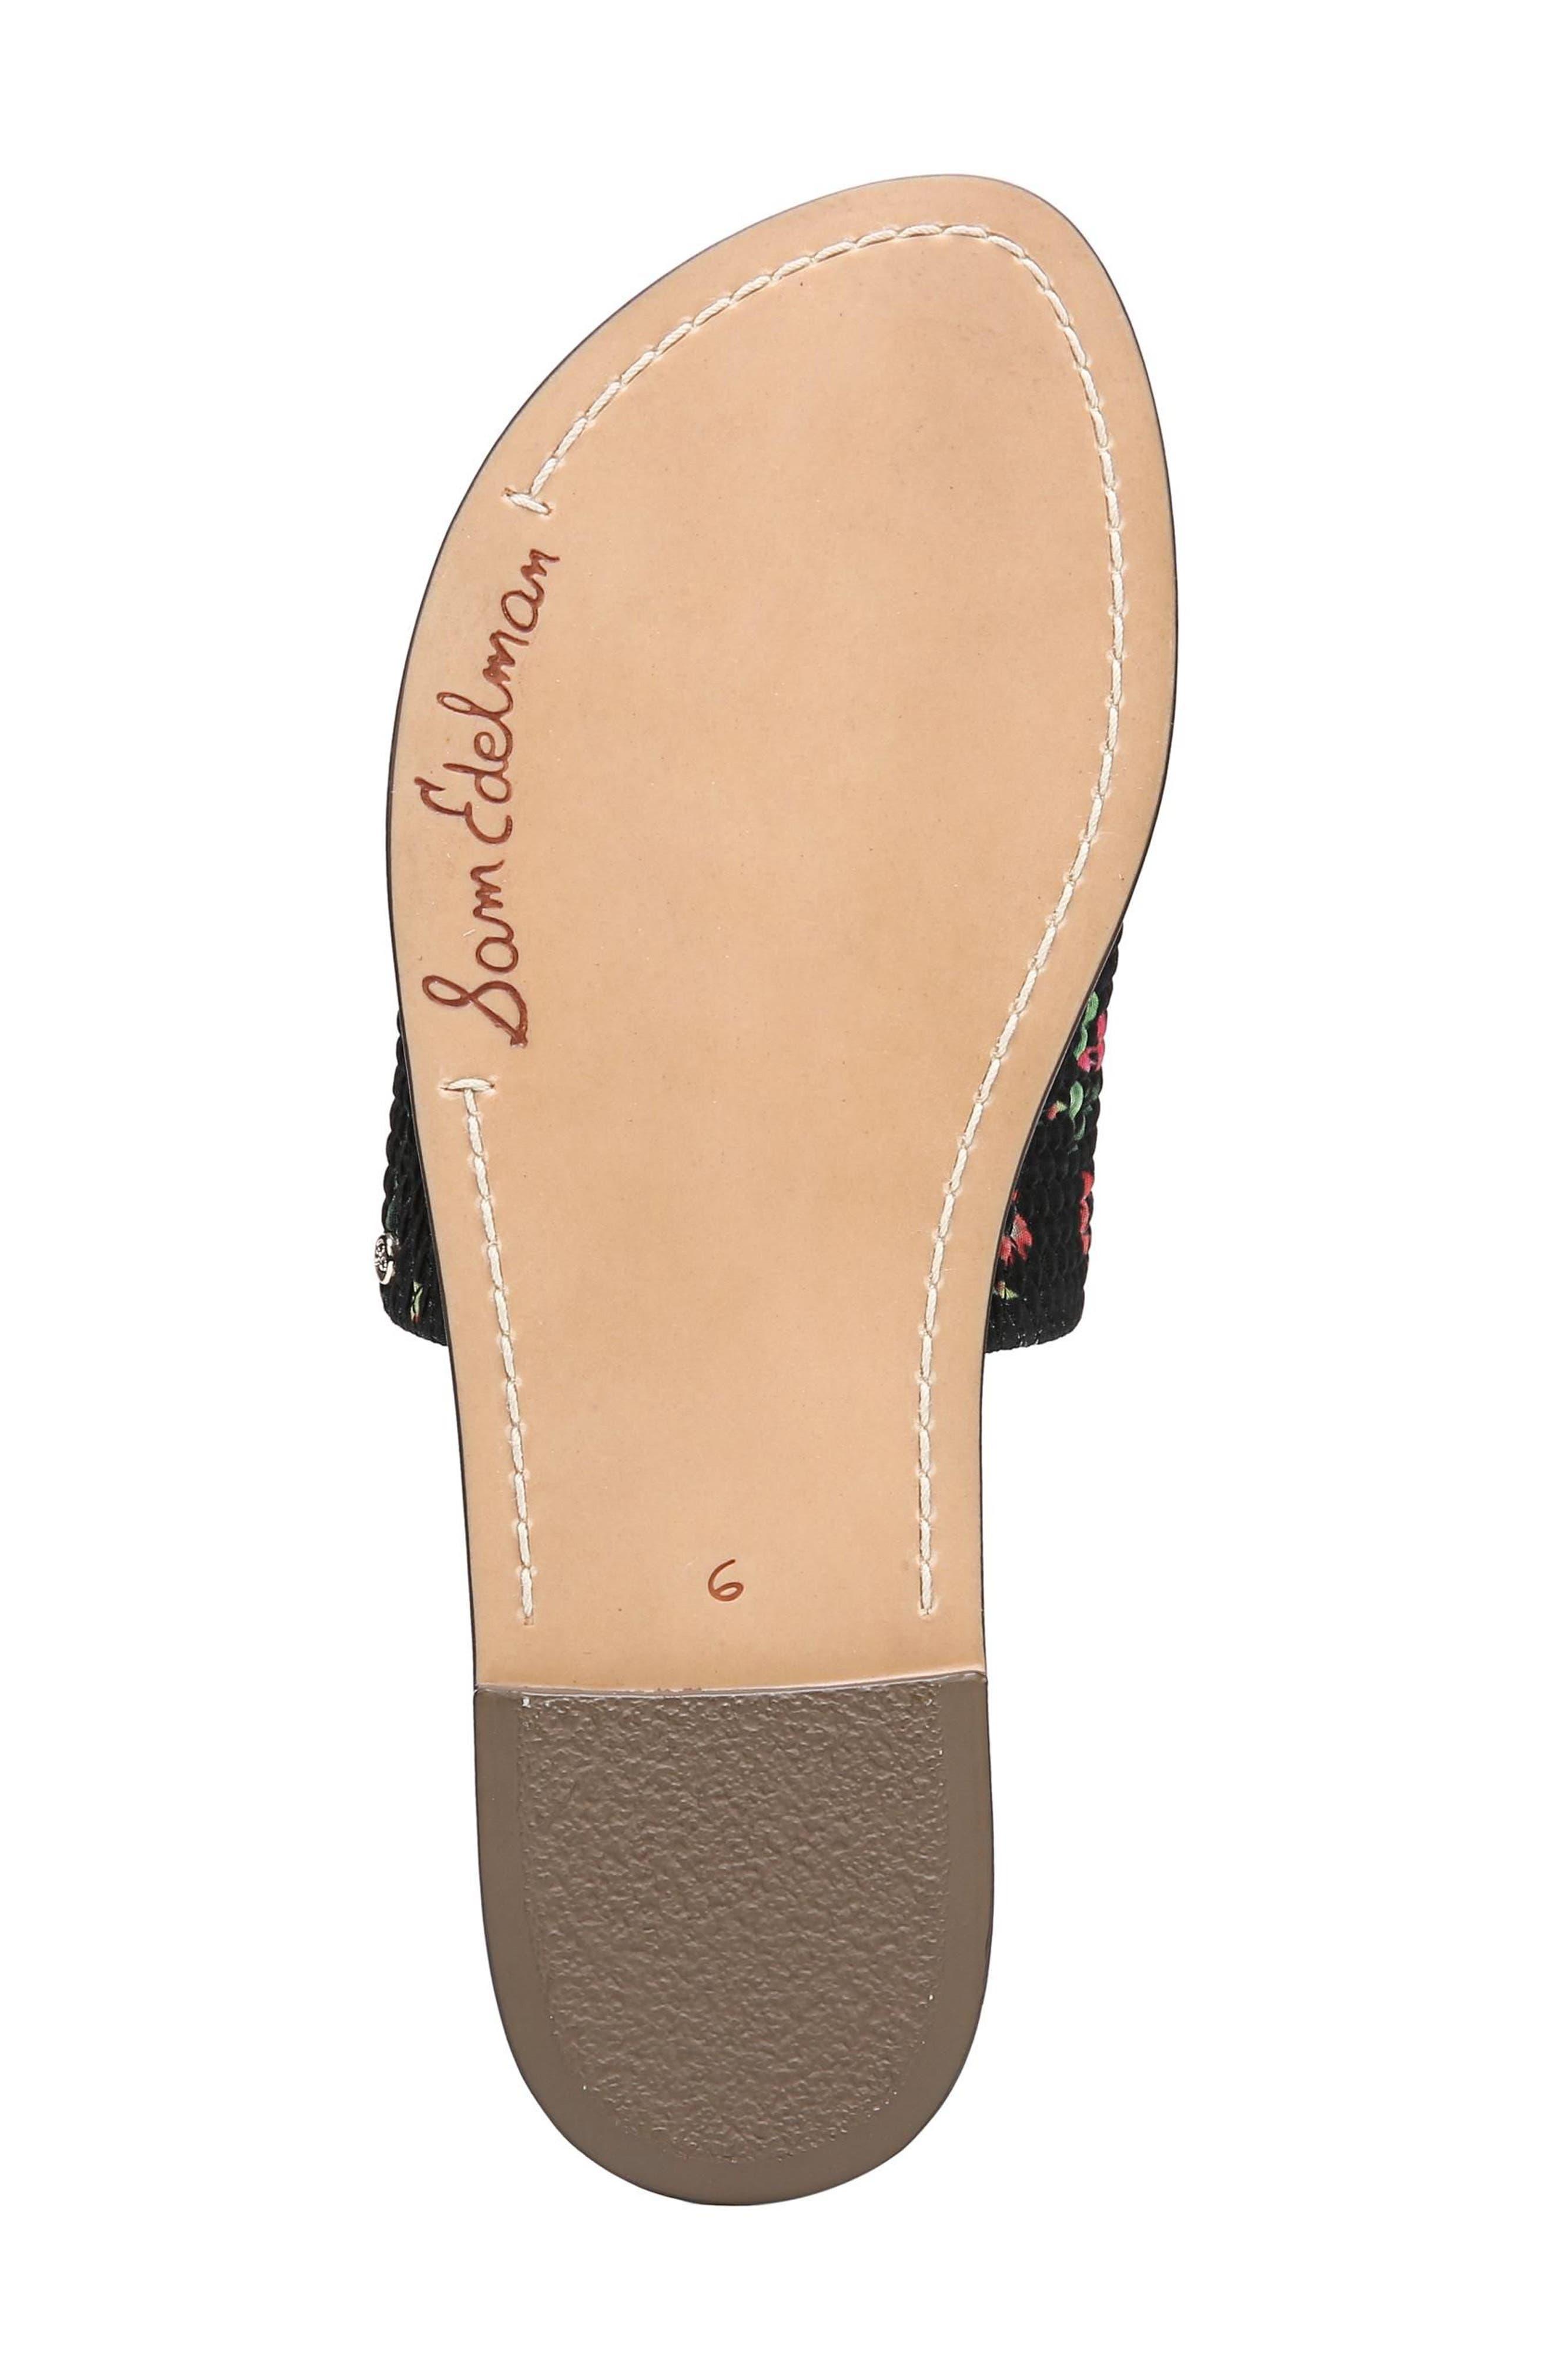 Gio Slide Sandal,                             Alternate thumbnail 6, color,                             001